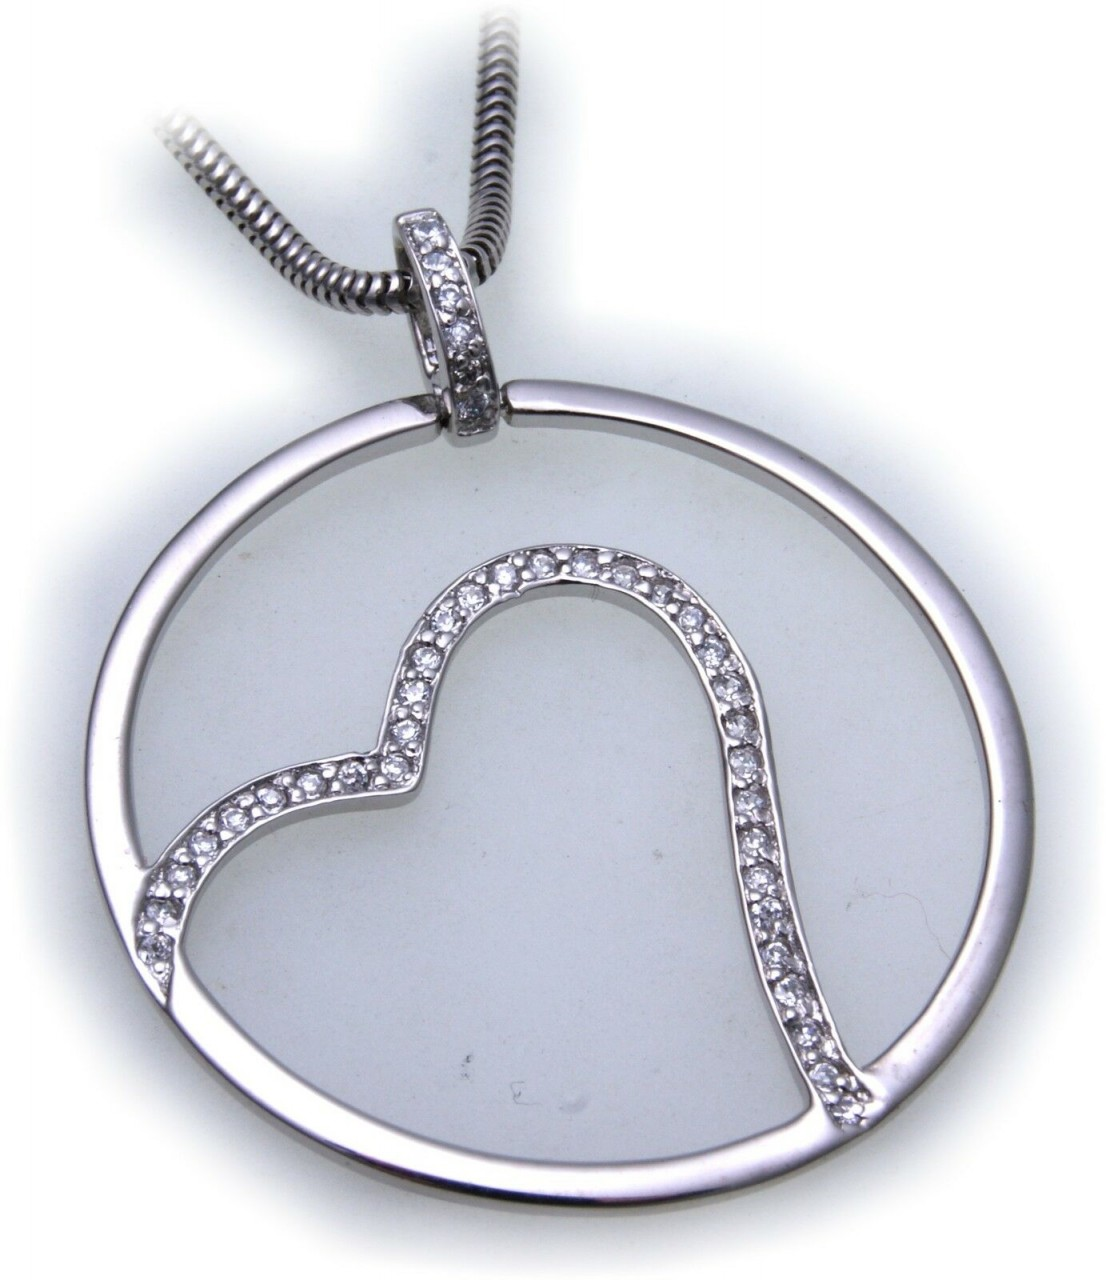 Anhänger Herz echt Silber 925 Zirkonia Herzform Sterlingsilber Unisex